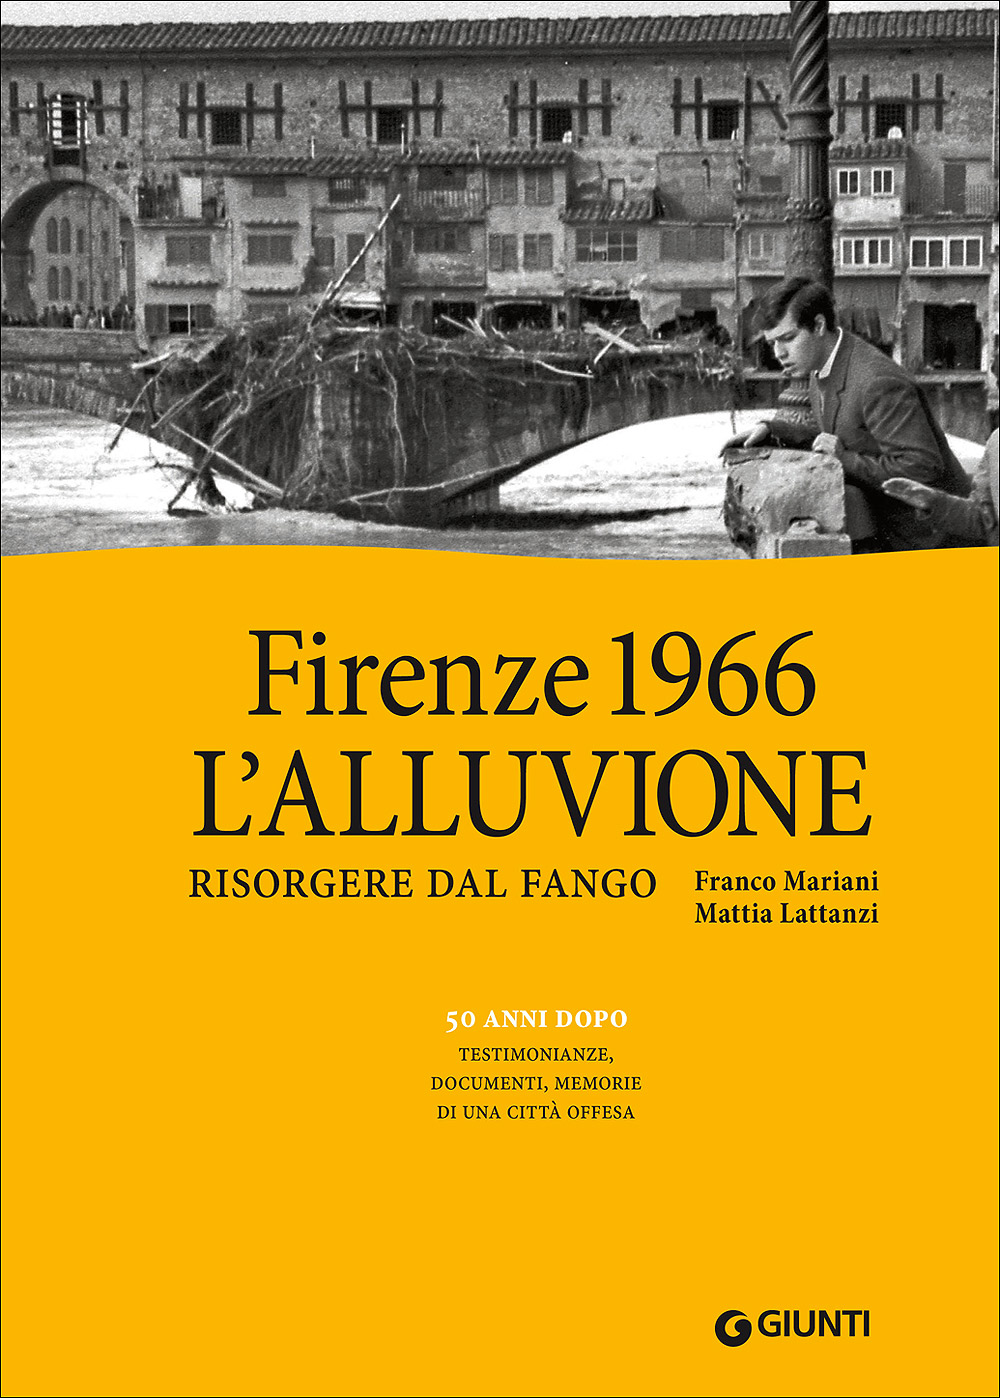 Firenze 1966: L'alluvione